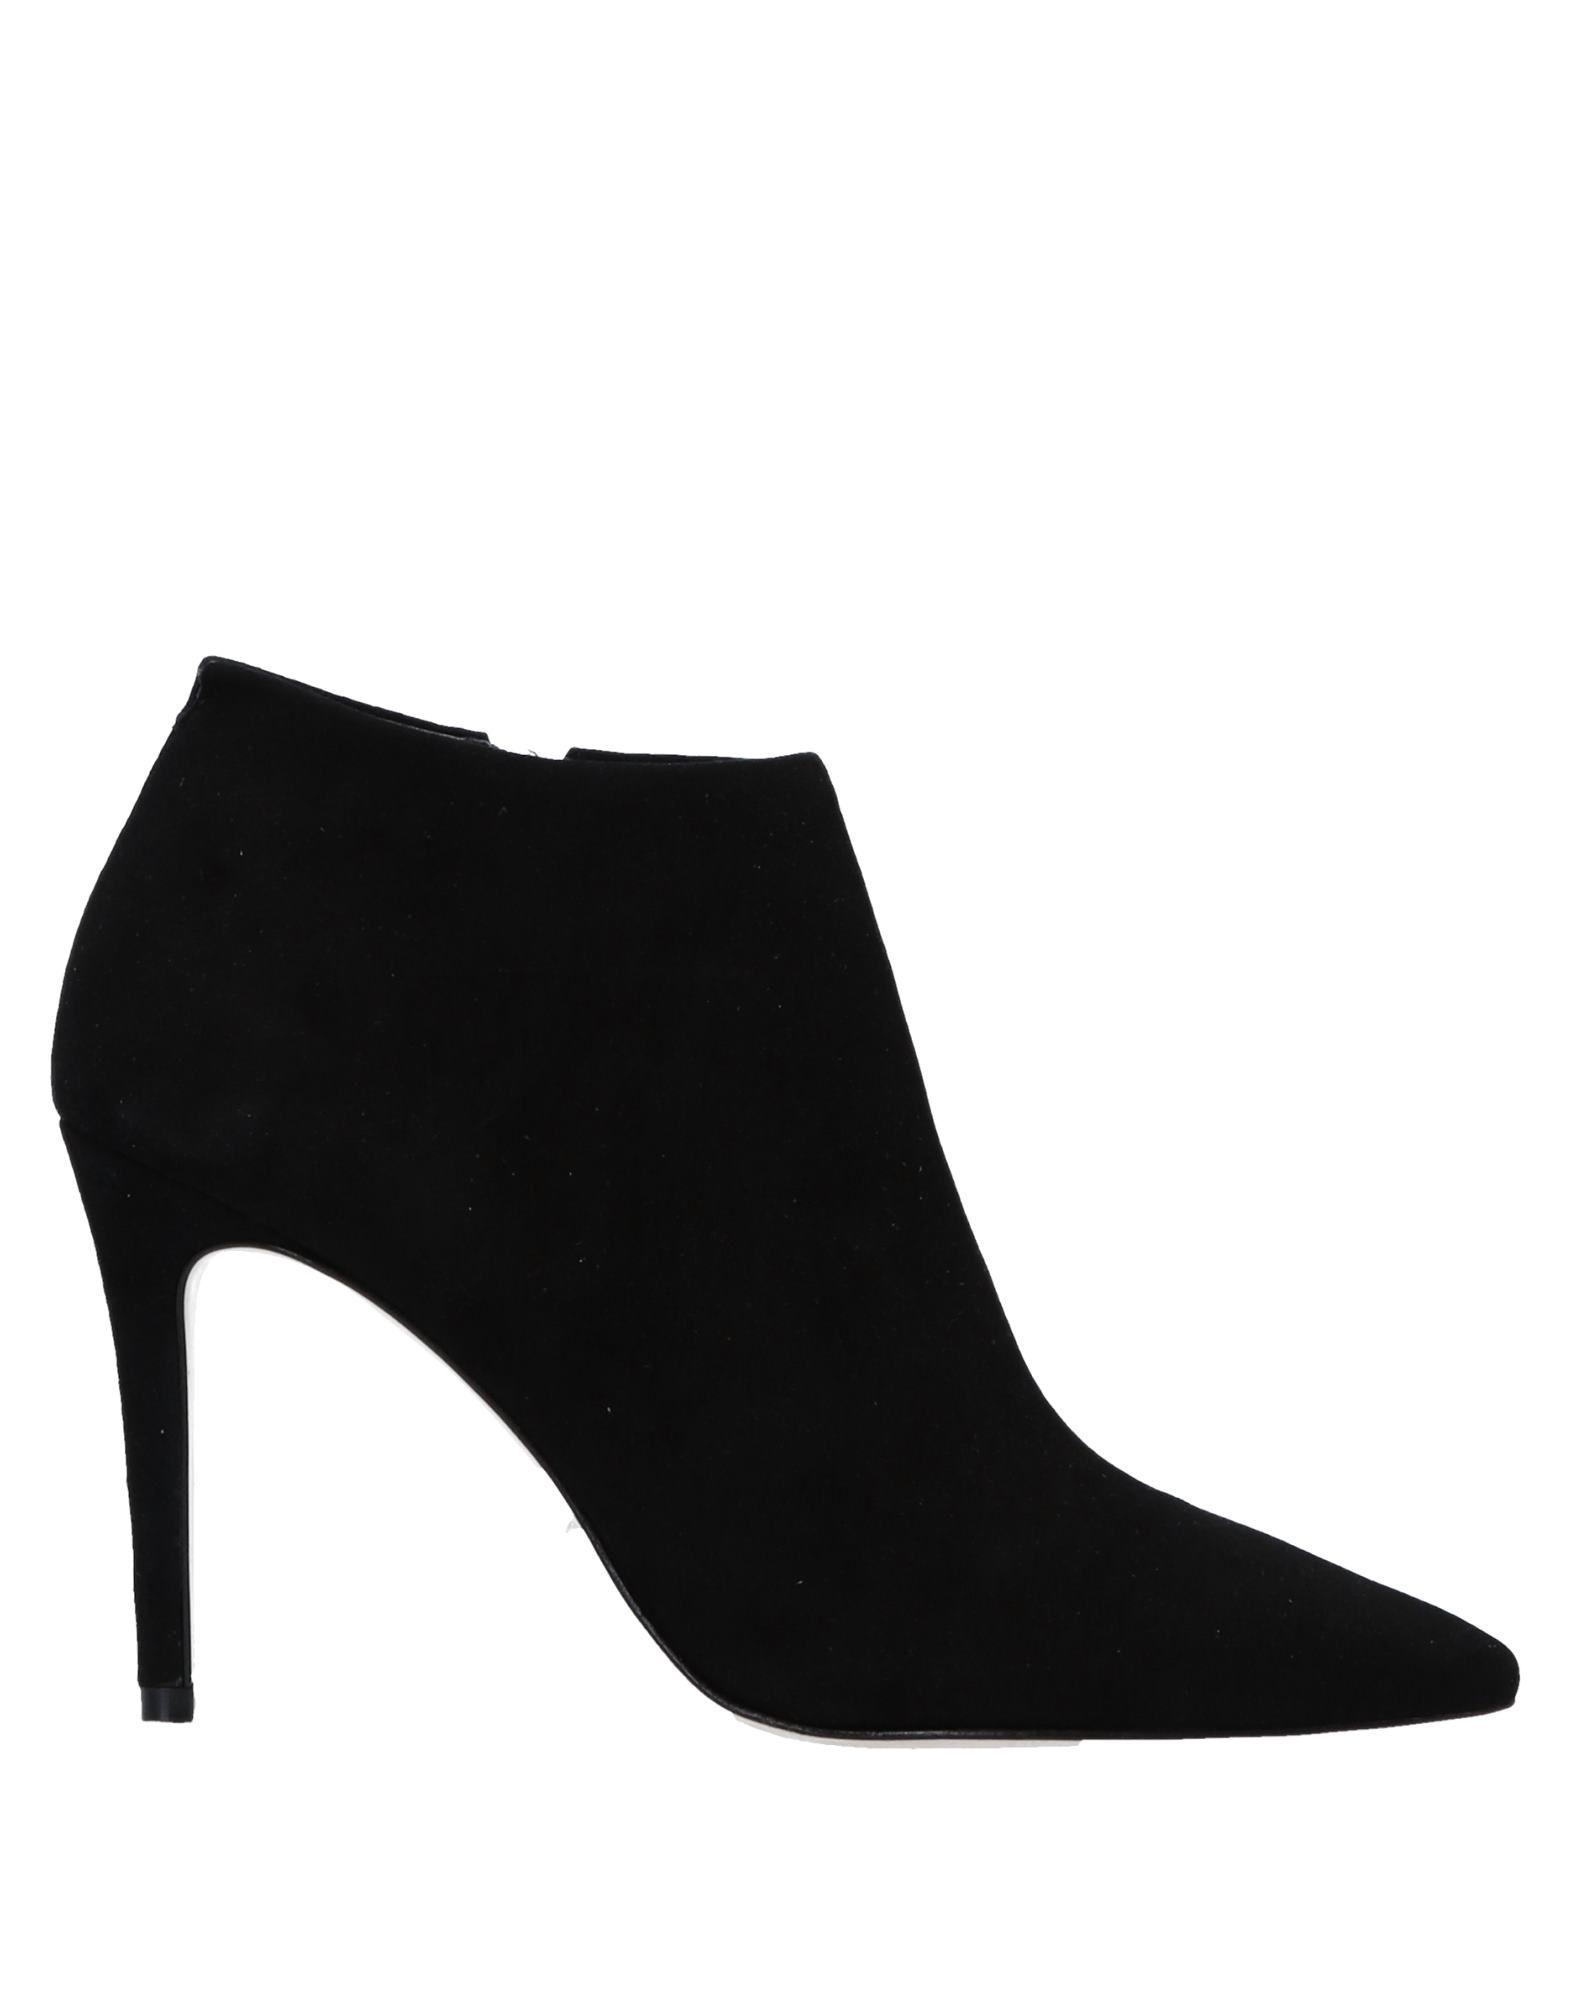 Bottine Bagatt Femme - Bottines Bottines Bottines Bagatt Noir Chaussures femme pas cher homme et femme bd48e2